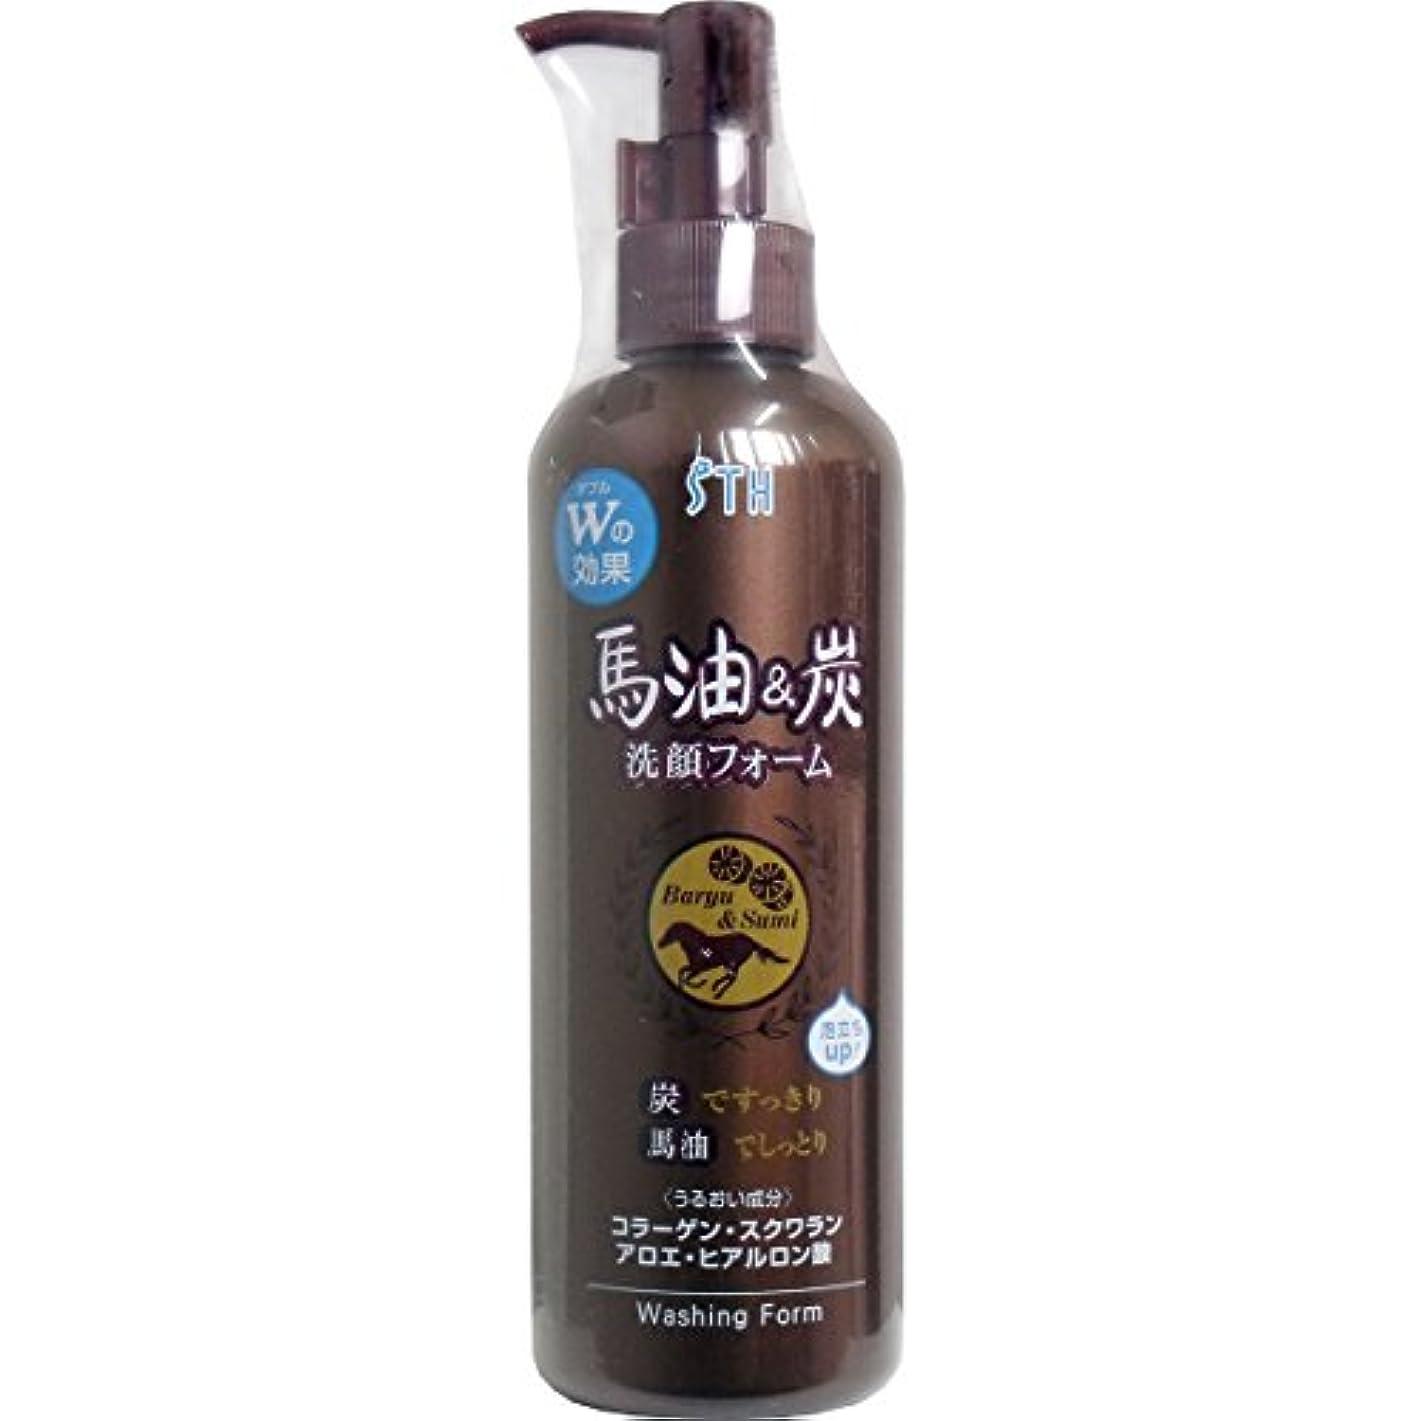 増加するこしょう名前で馬油&炭 洗顔フォーム ポンプ 250ml 【2個セット】